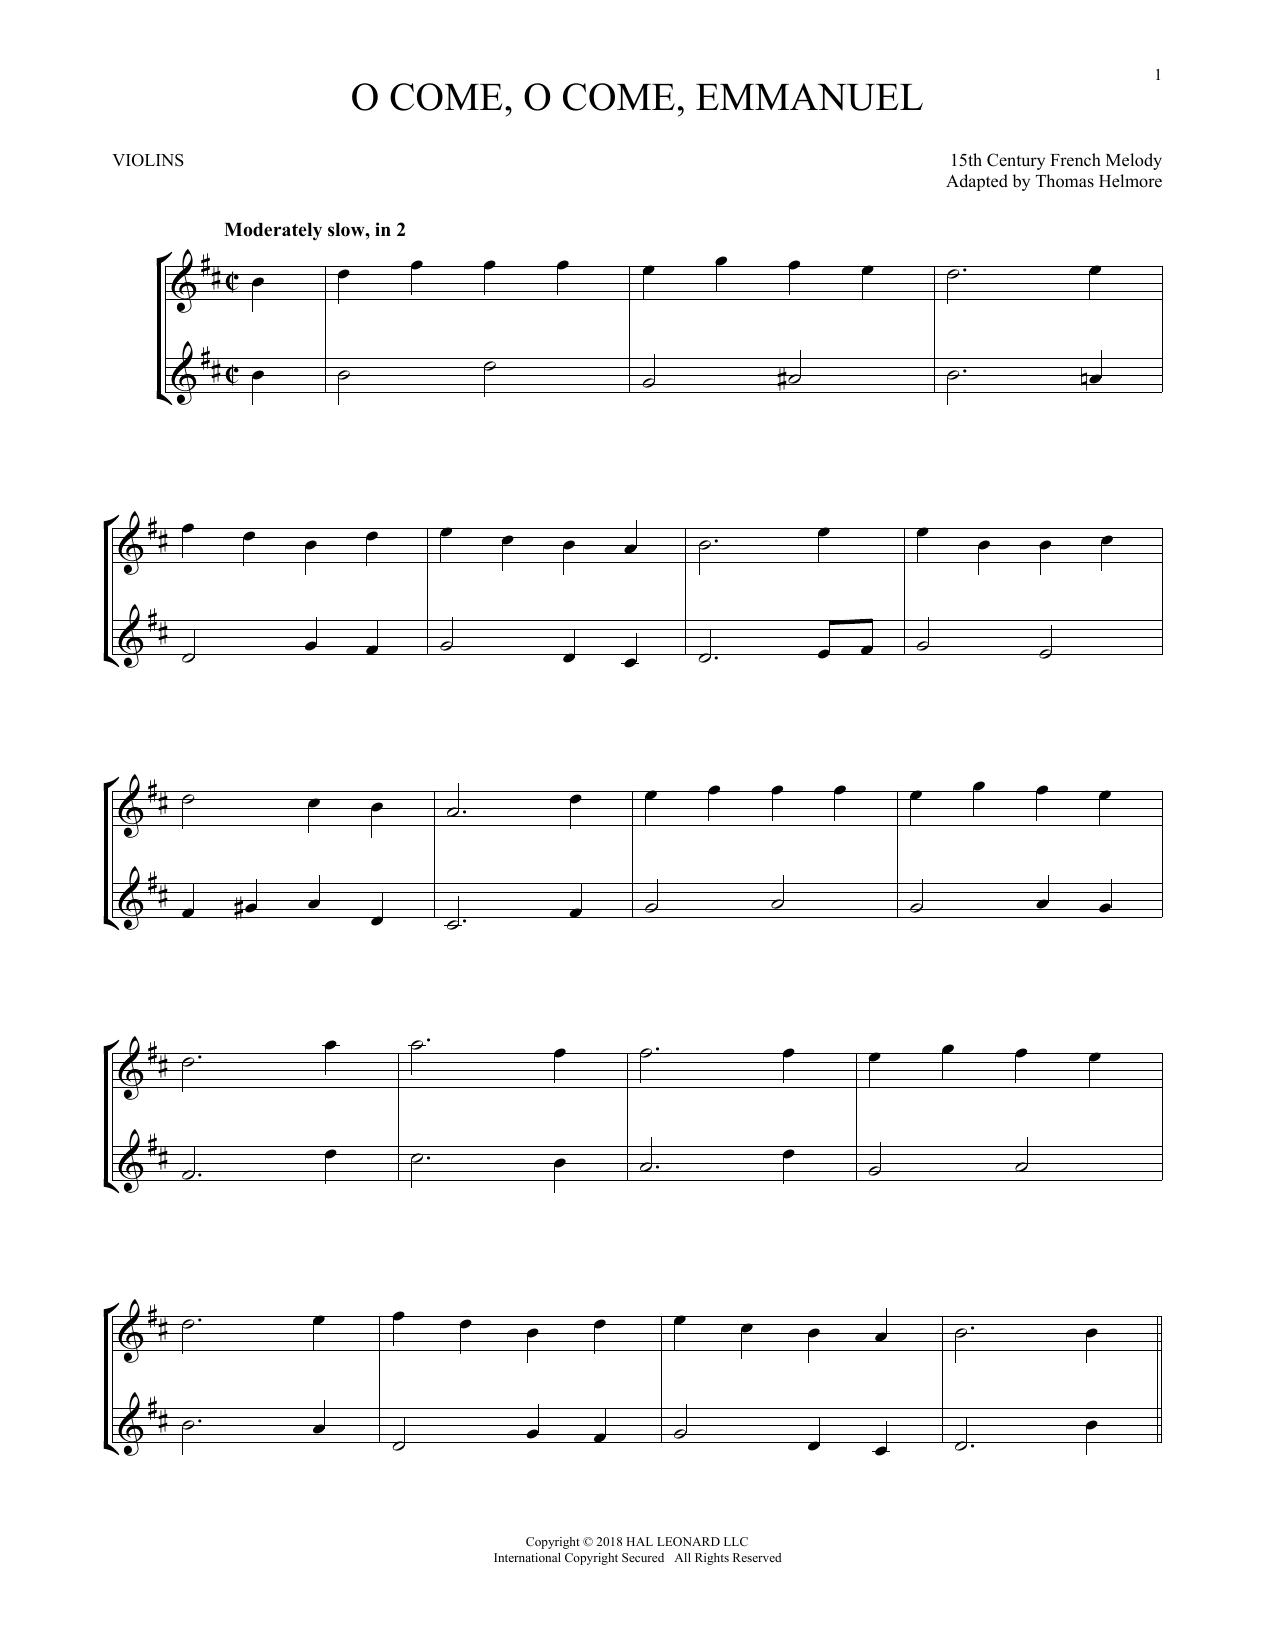 O Come, O Come, Emmanuel (Violin Duet)